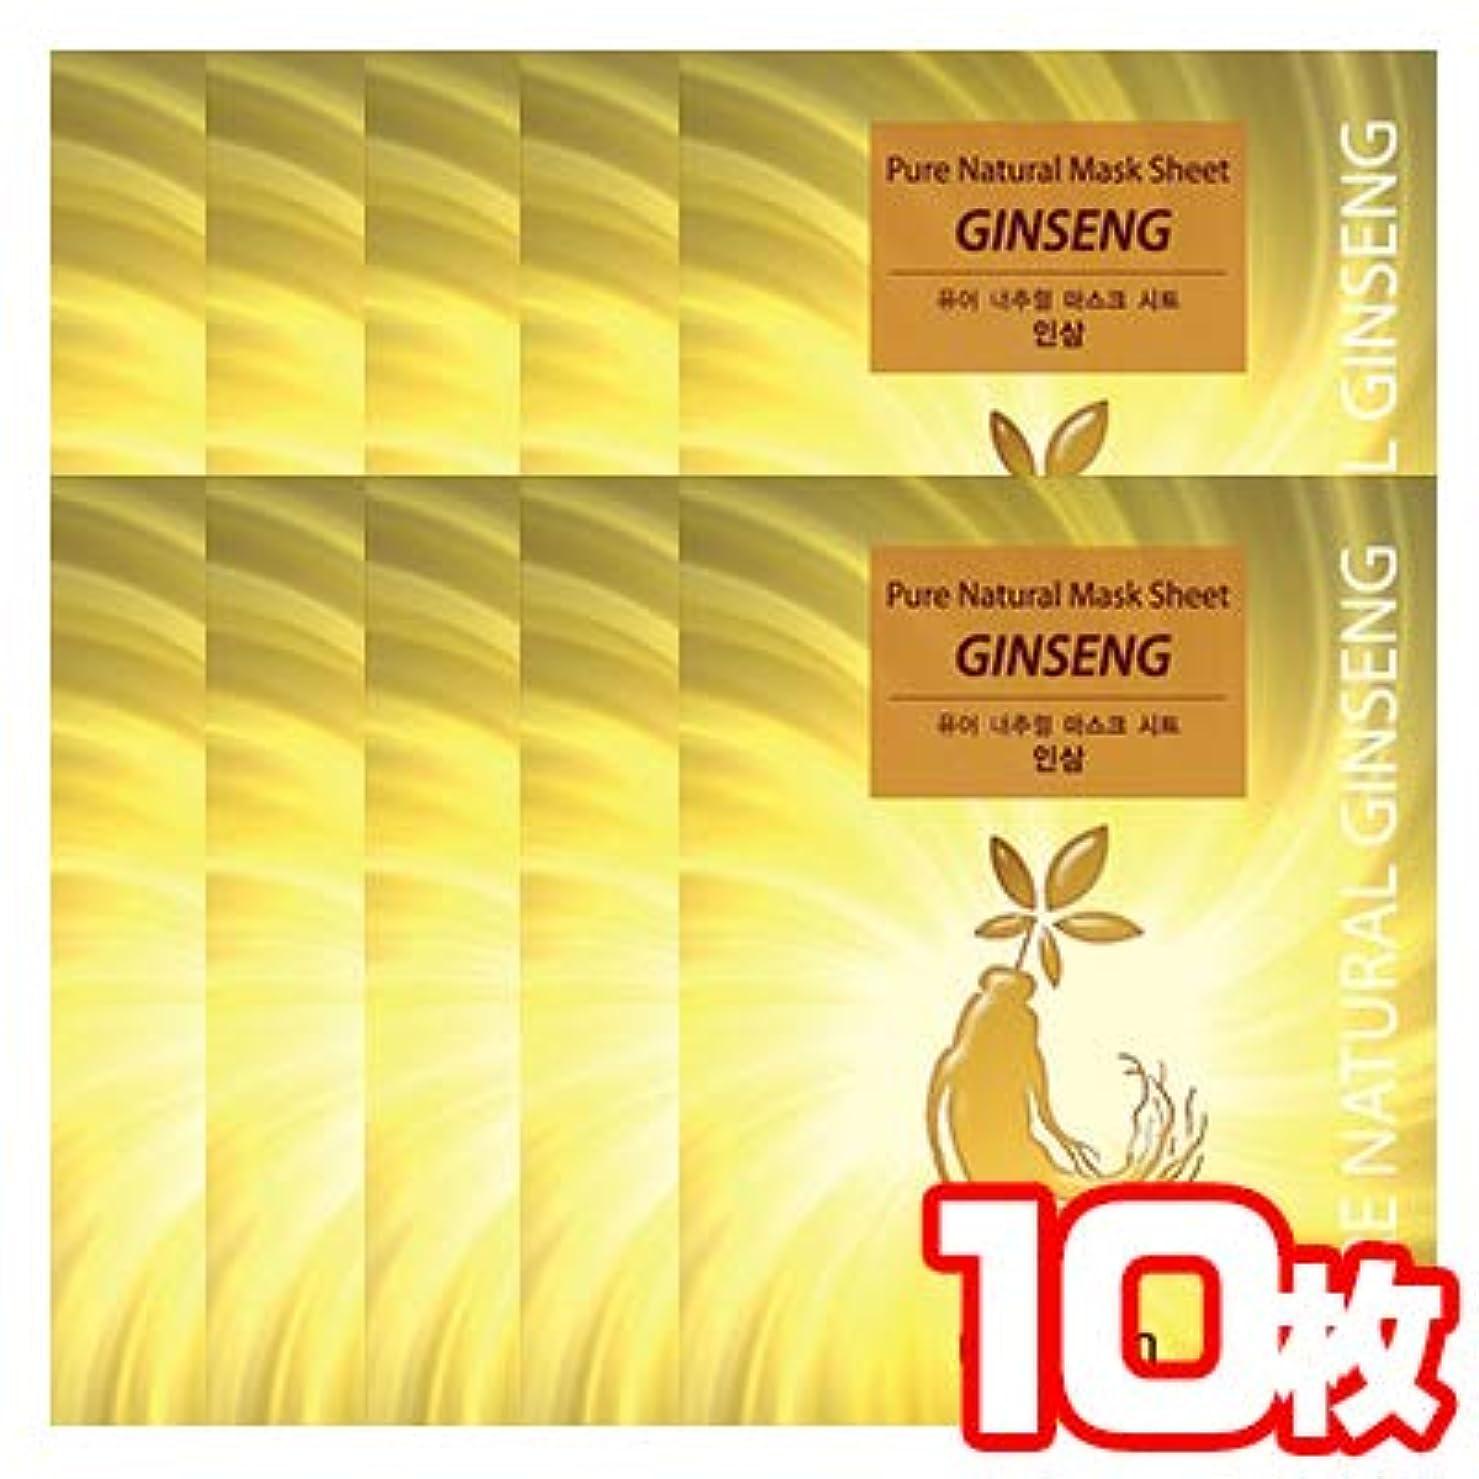 誰が進化セールスマンザセム ピュア ナチュラル マスクシート 3類 Pure Natural Mask Sheet 20mlx10枚 (高麗人参(10枚))